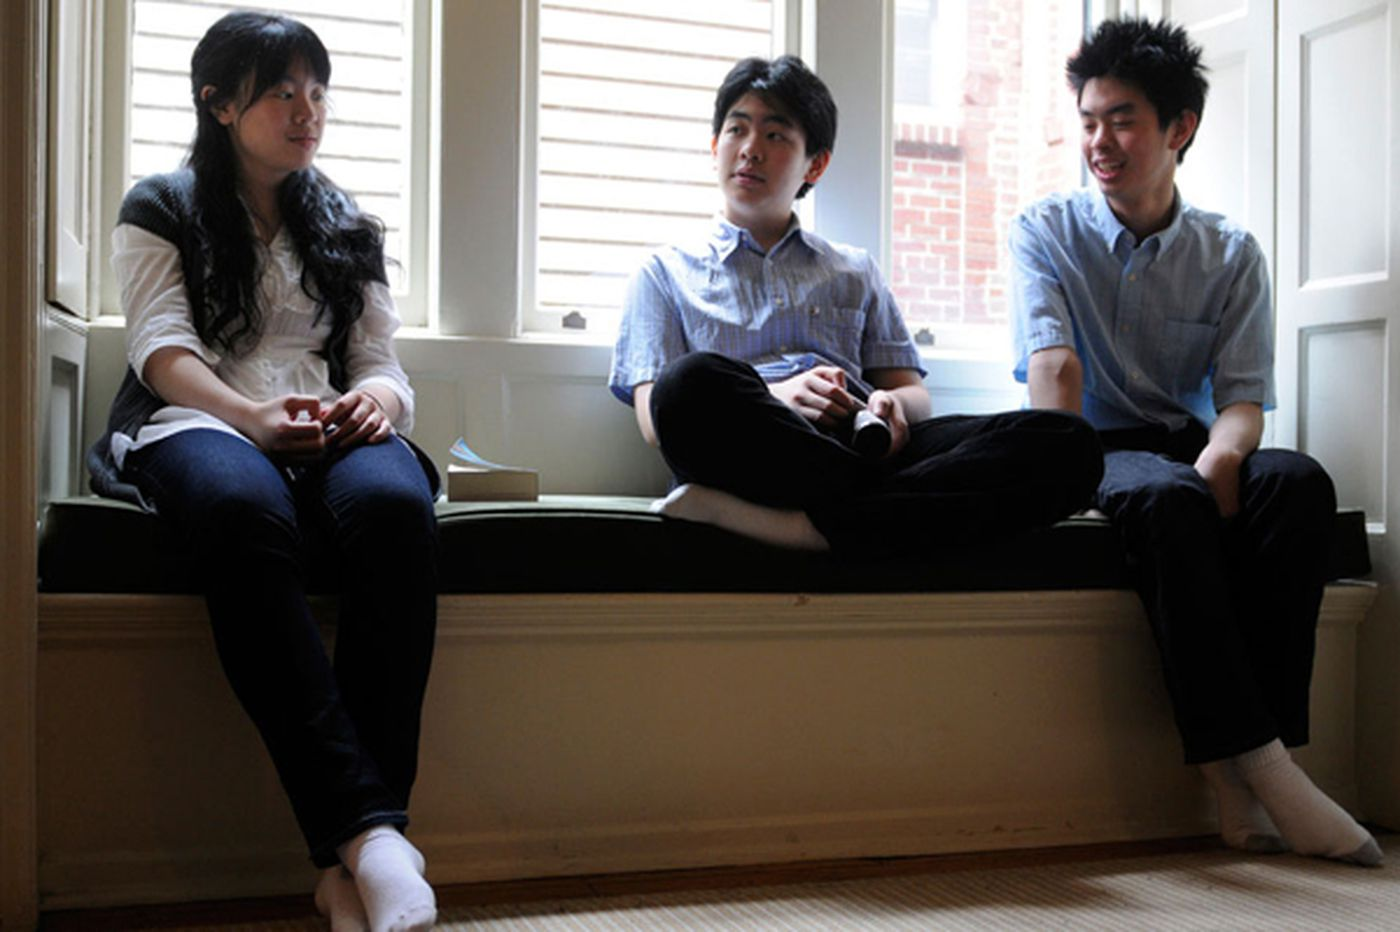 Siblings bring a family feeling at Curtis to Beethoven's last three piano sonatas